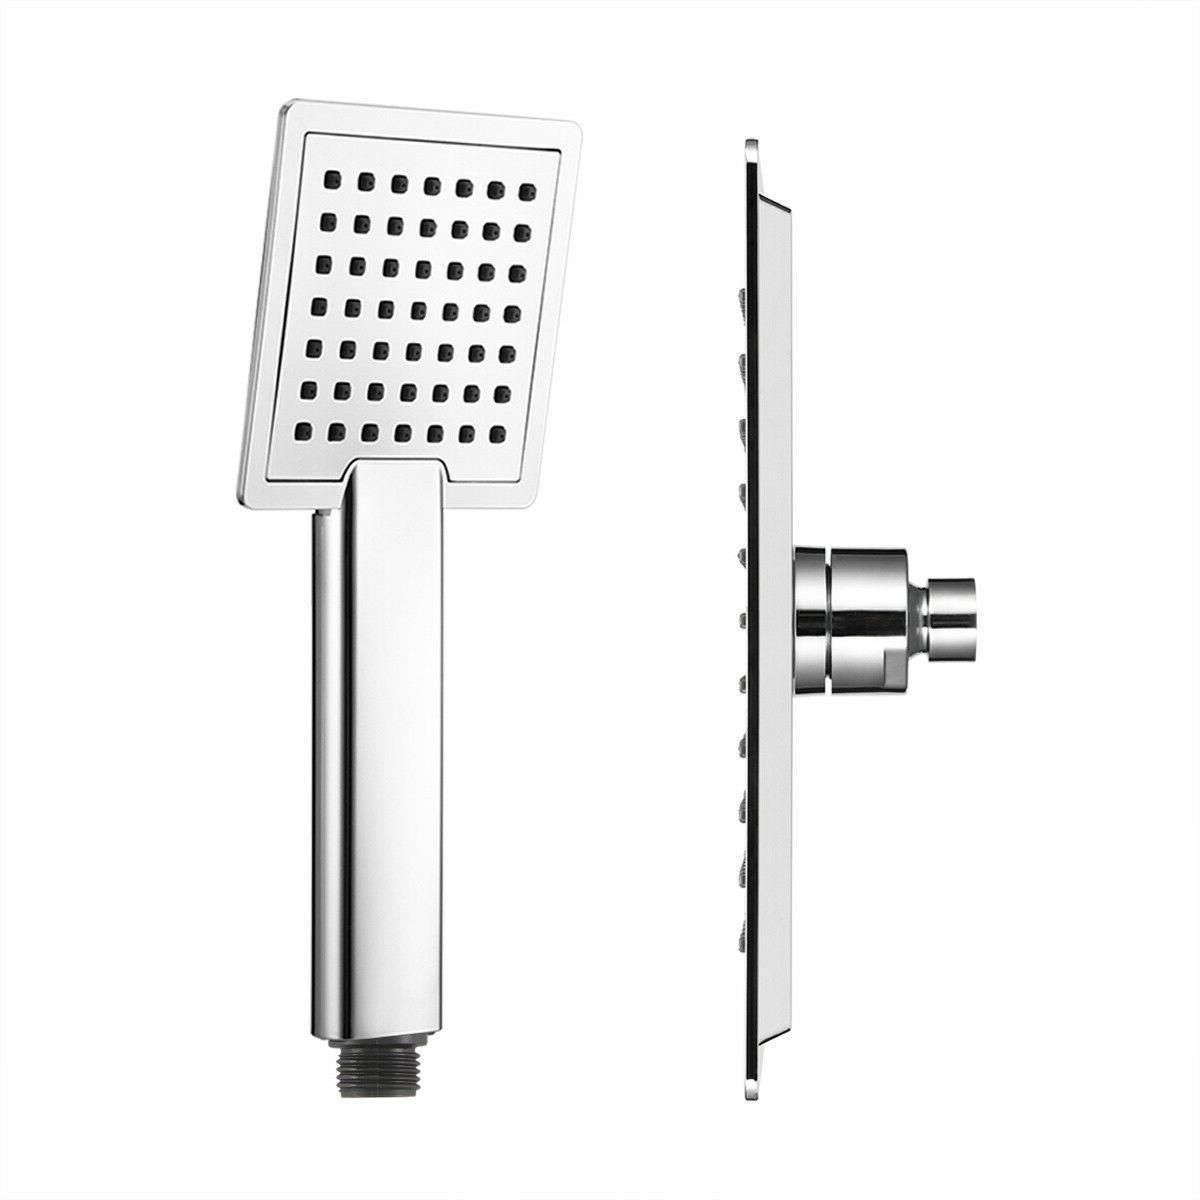 22*22cm 12 Square Shower Rain Shower 2 Set/Pack